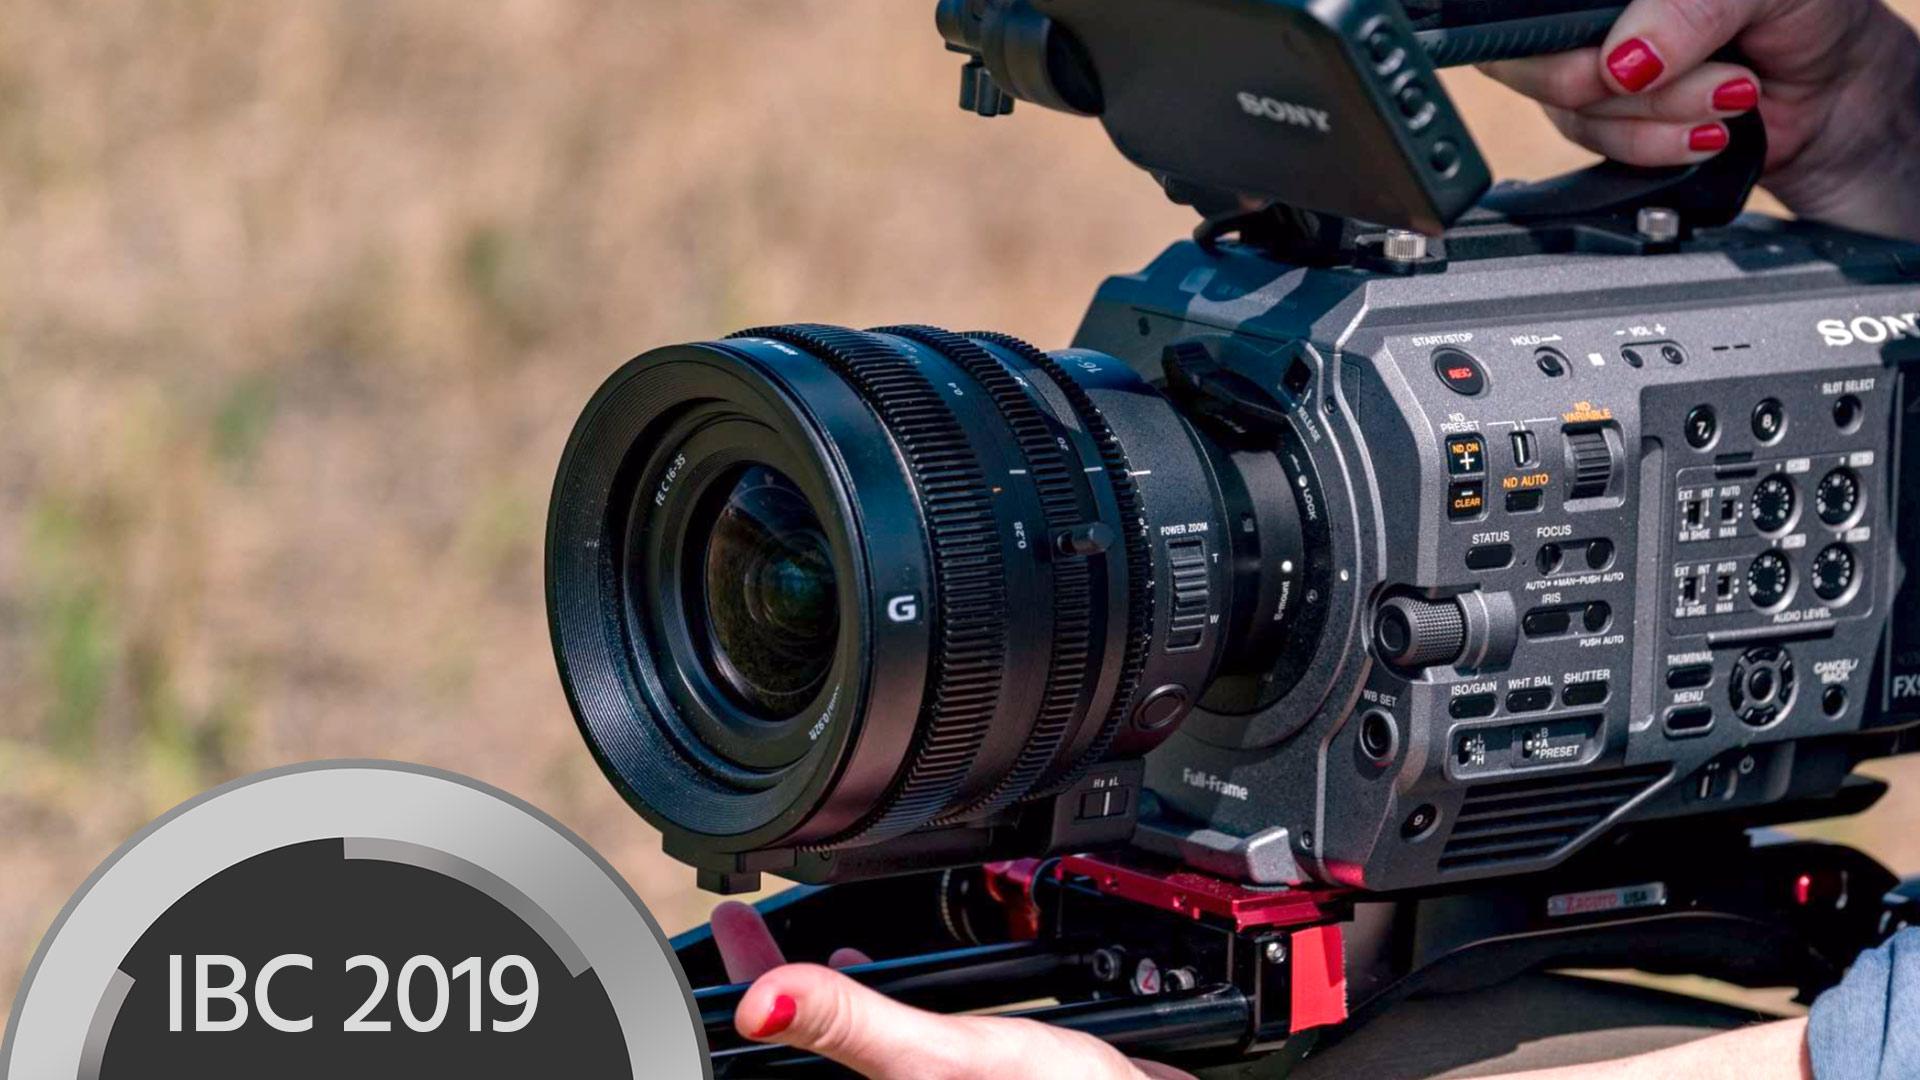 ソニーがFE C 16-35mm T/3.1 GフルフレームEマウントレンズを発表